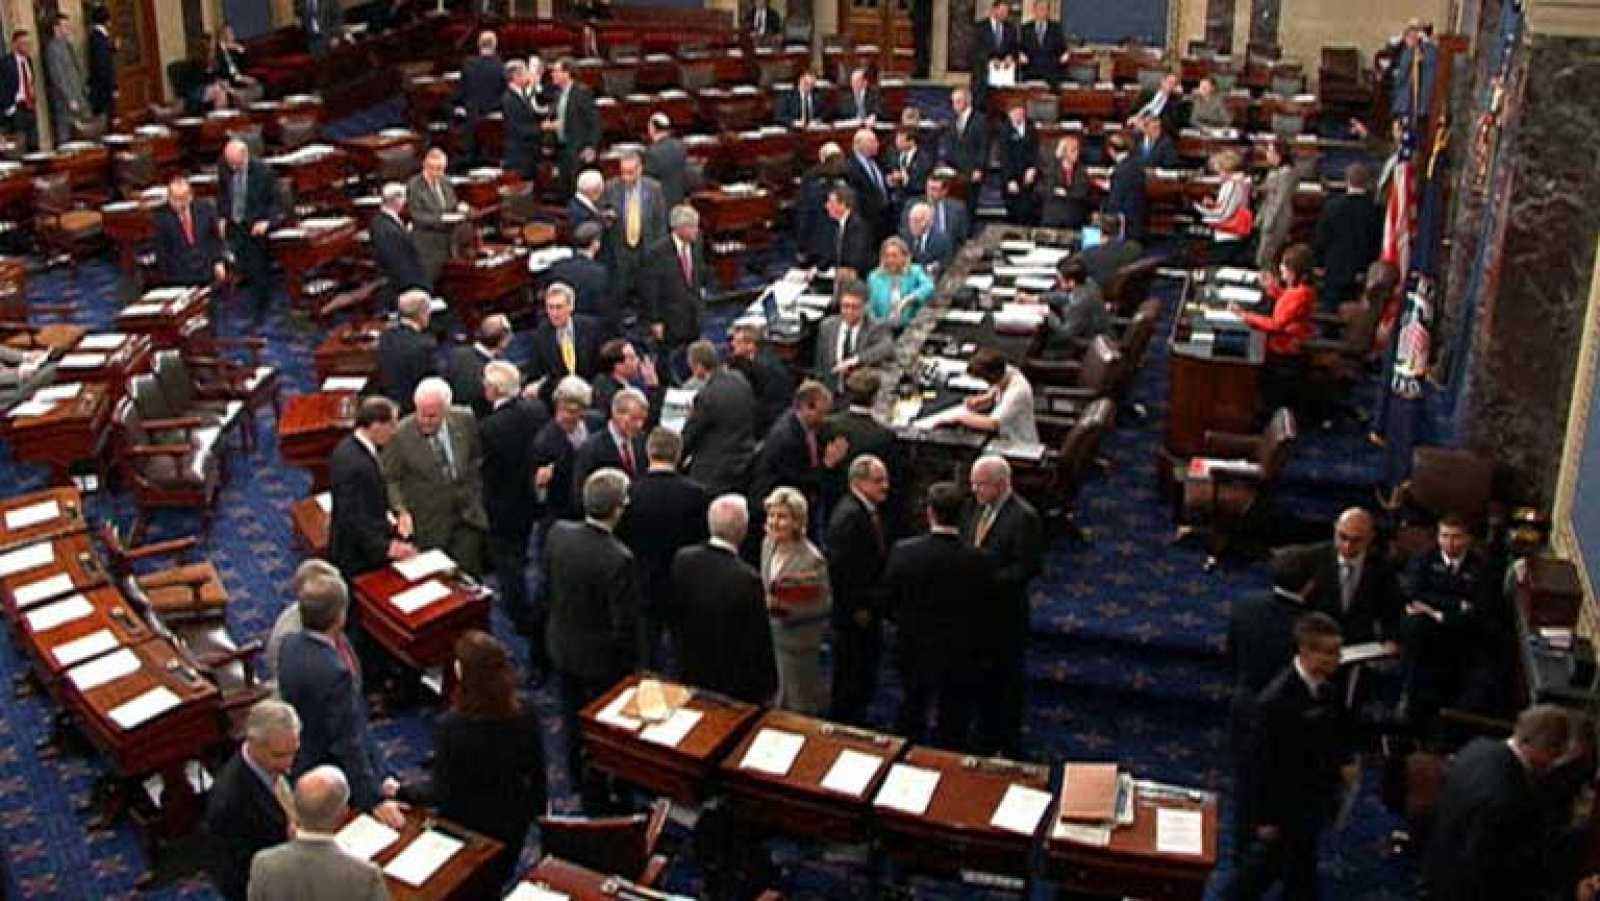 Los republicanos mantienen su mayoría en la Cámara de Representantes